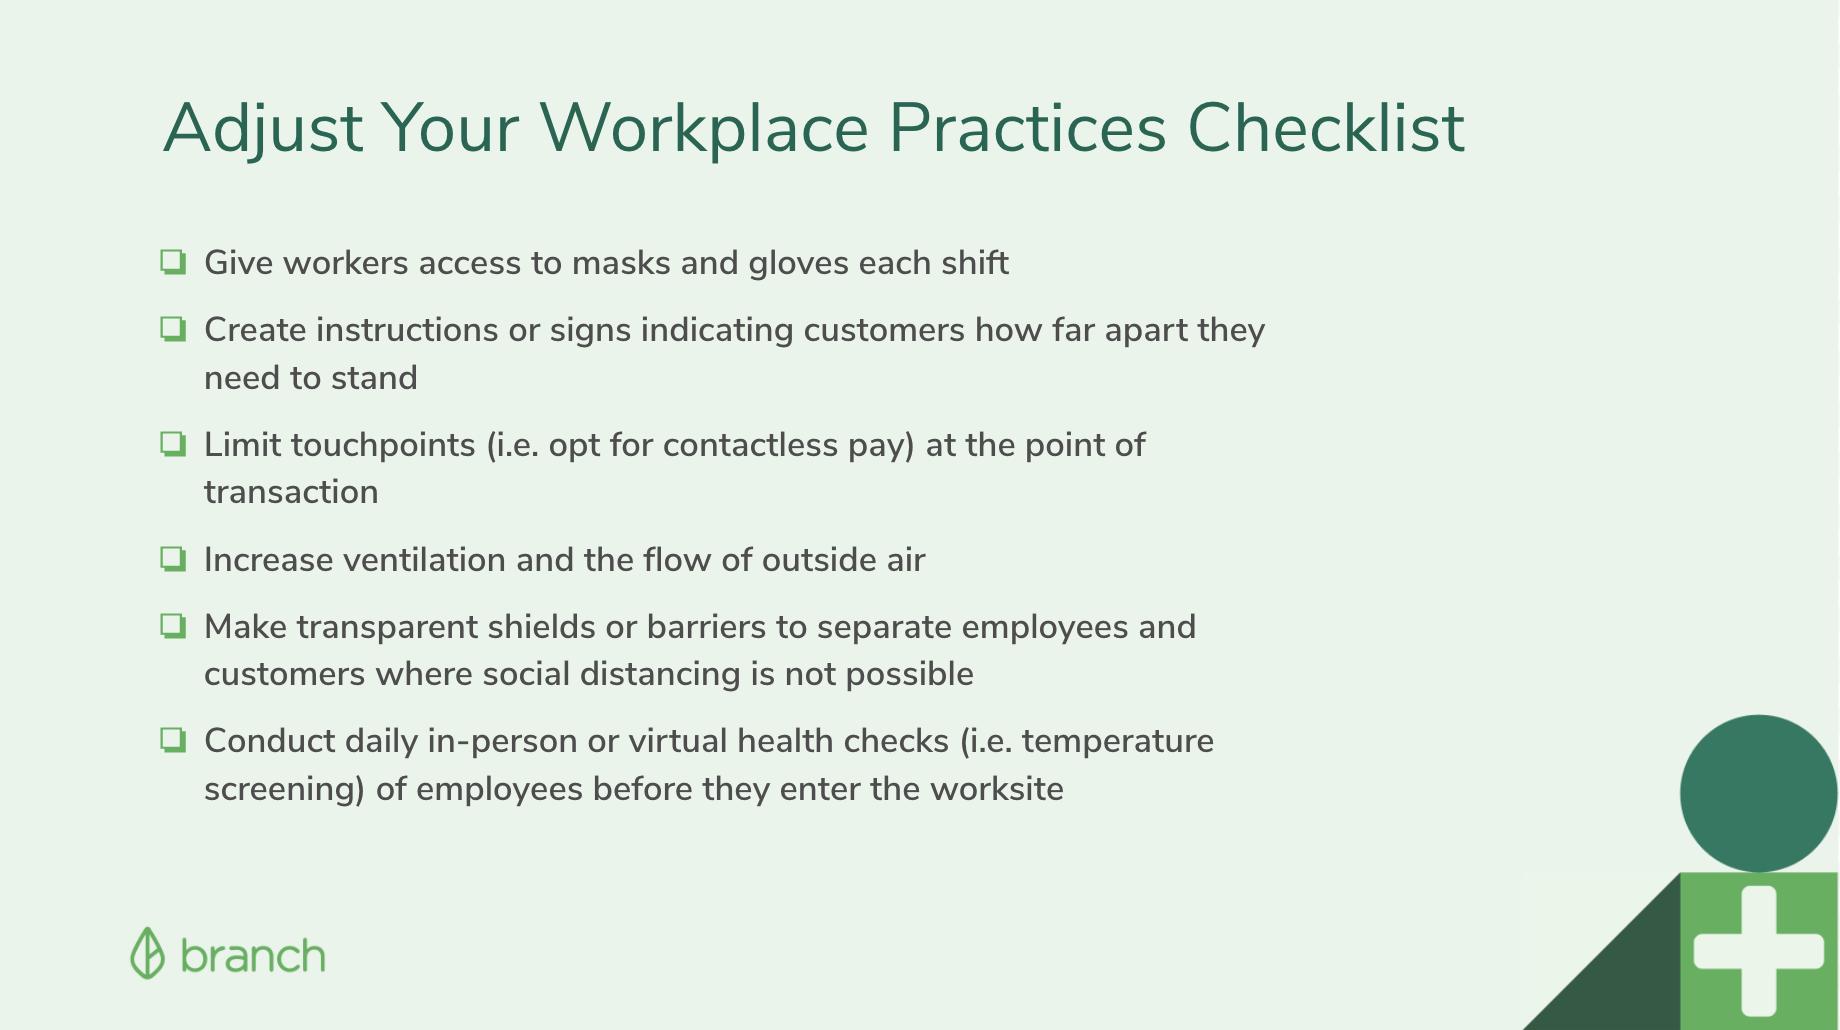 Workplace Adjustment Checklist